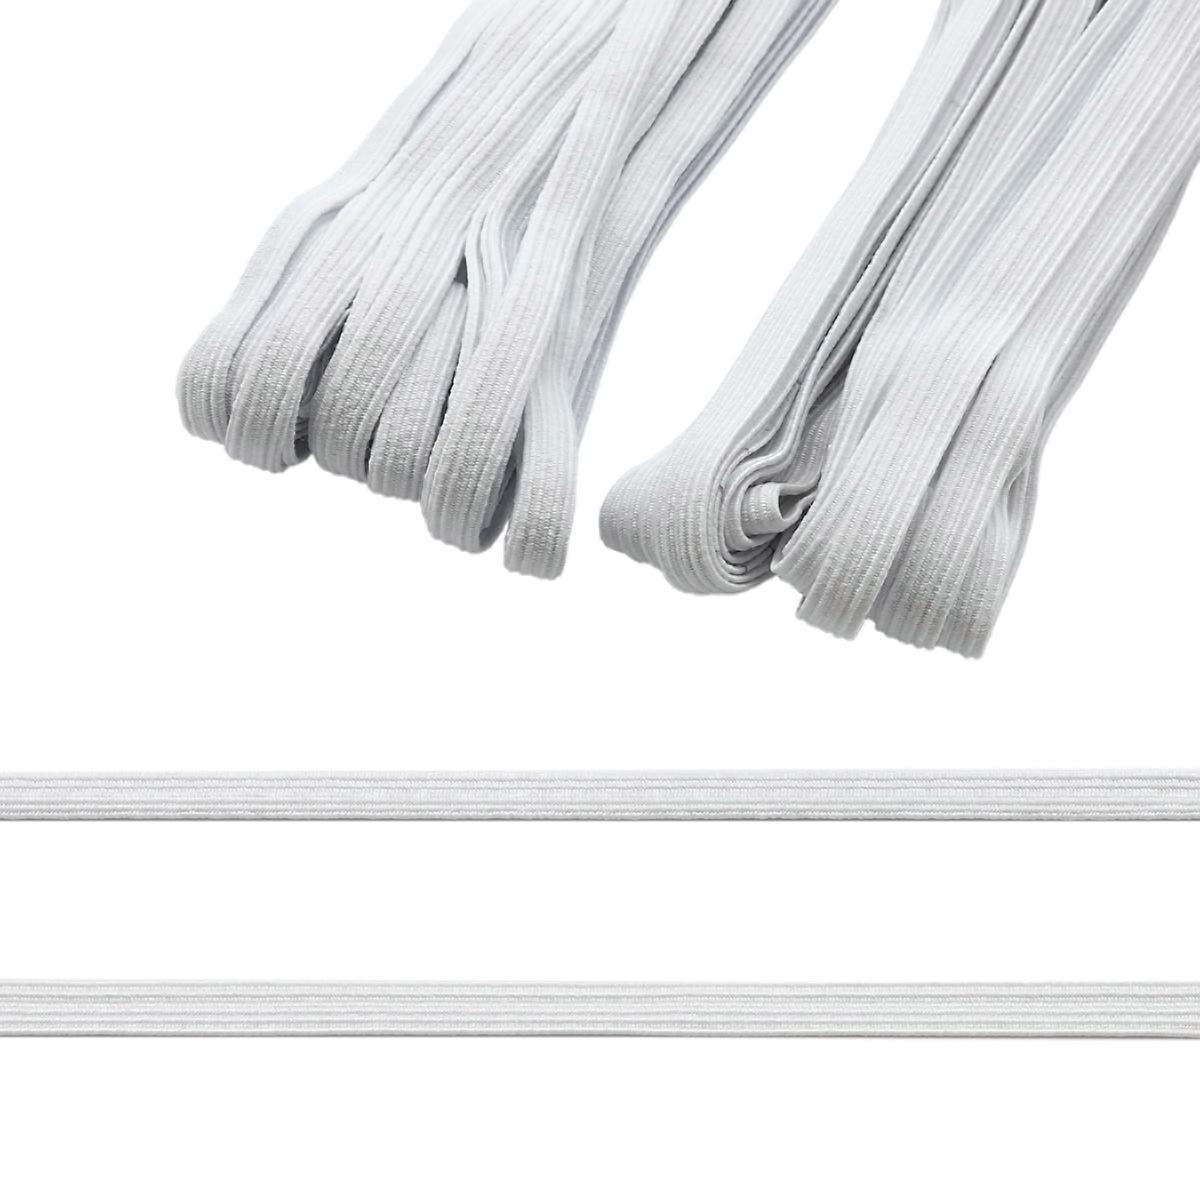 Резинка-продежка (тесьма эластичная) 08 мм (2 мот по 10м), цв. белый/белый